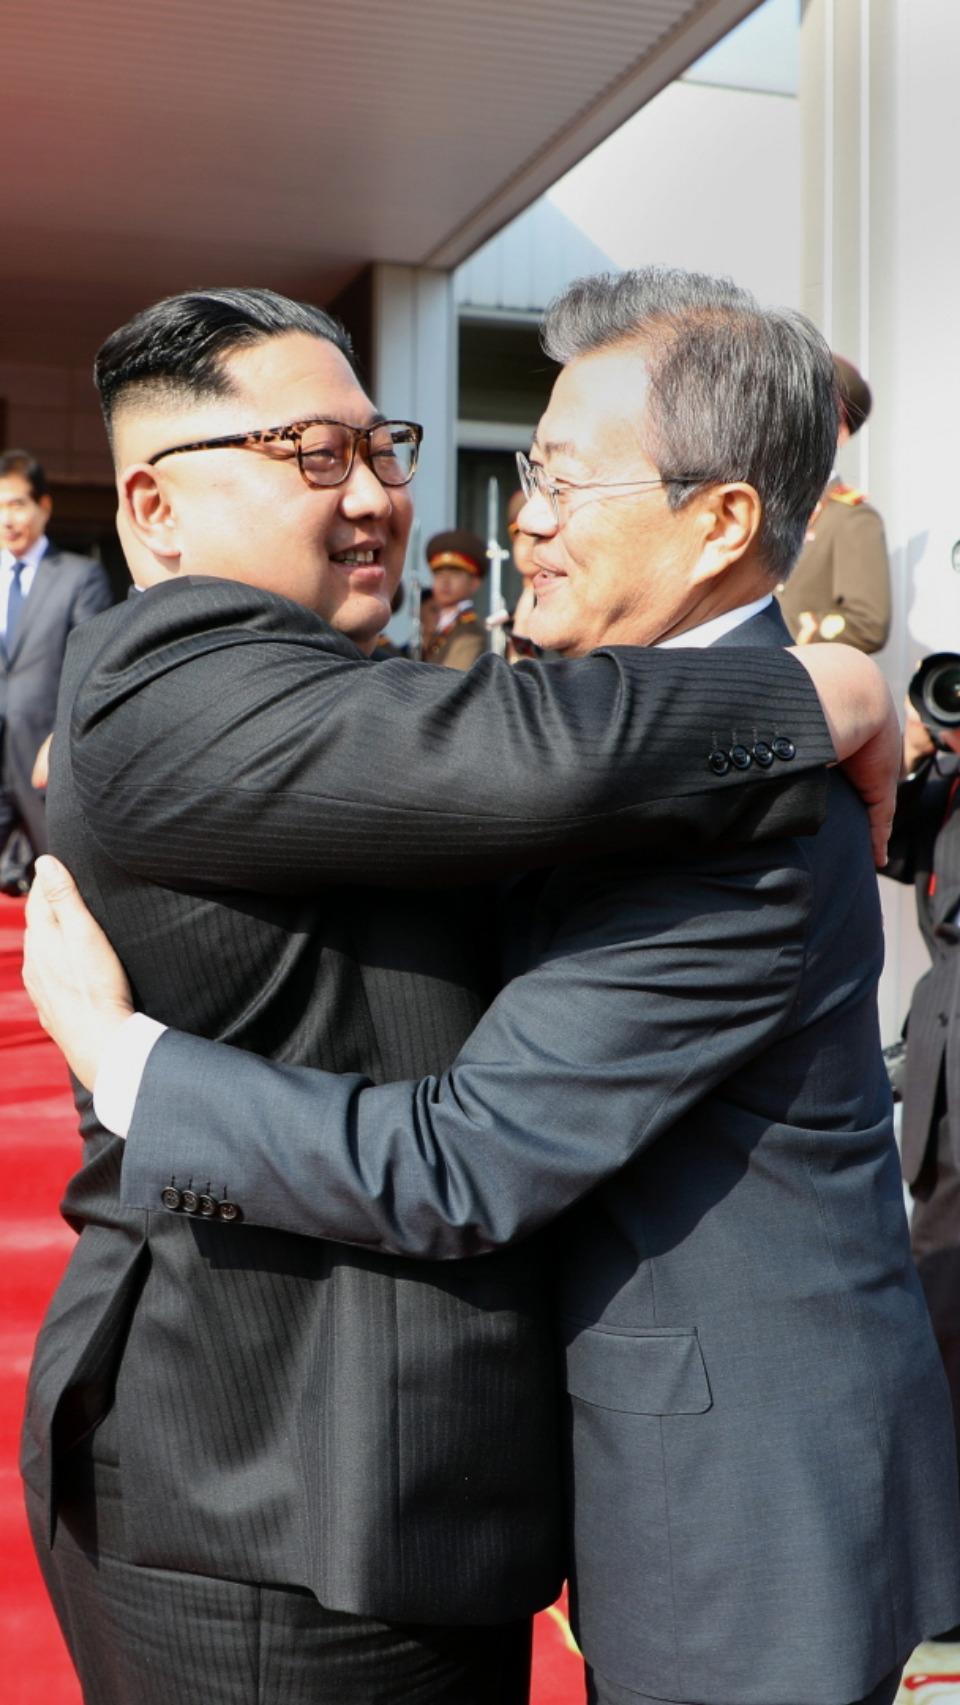 문재인 대통령과 김정은 국무위원장이 26일 오후 판문점 북측 통일각에서 정상회담을 마친 후 헤어지며 포옹하고 있다.